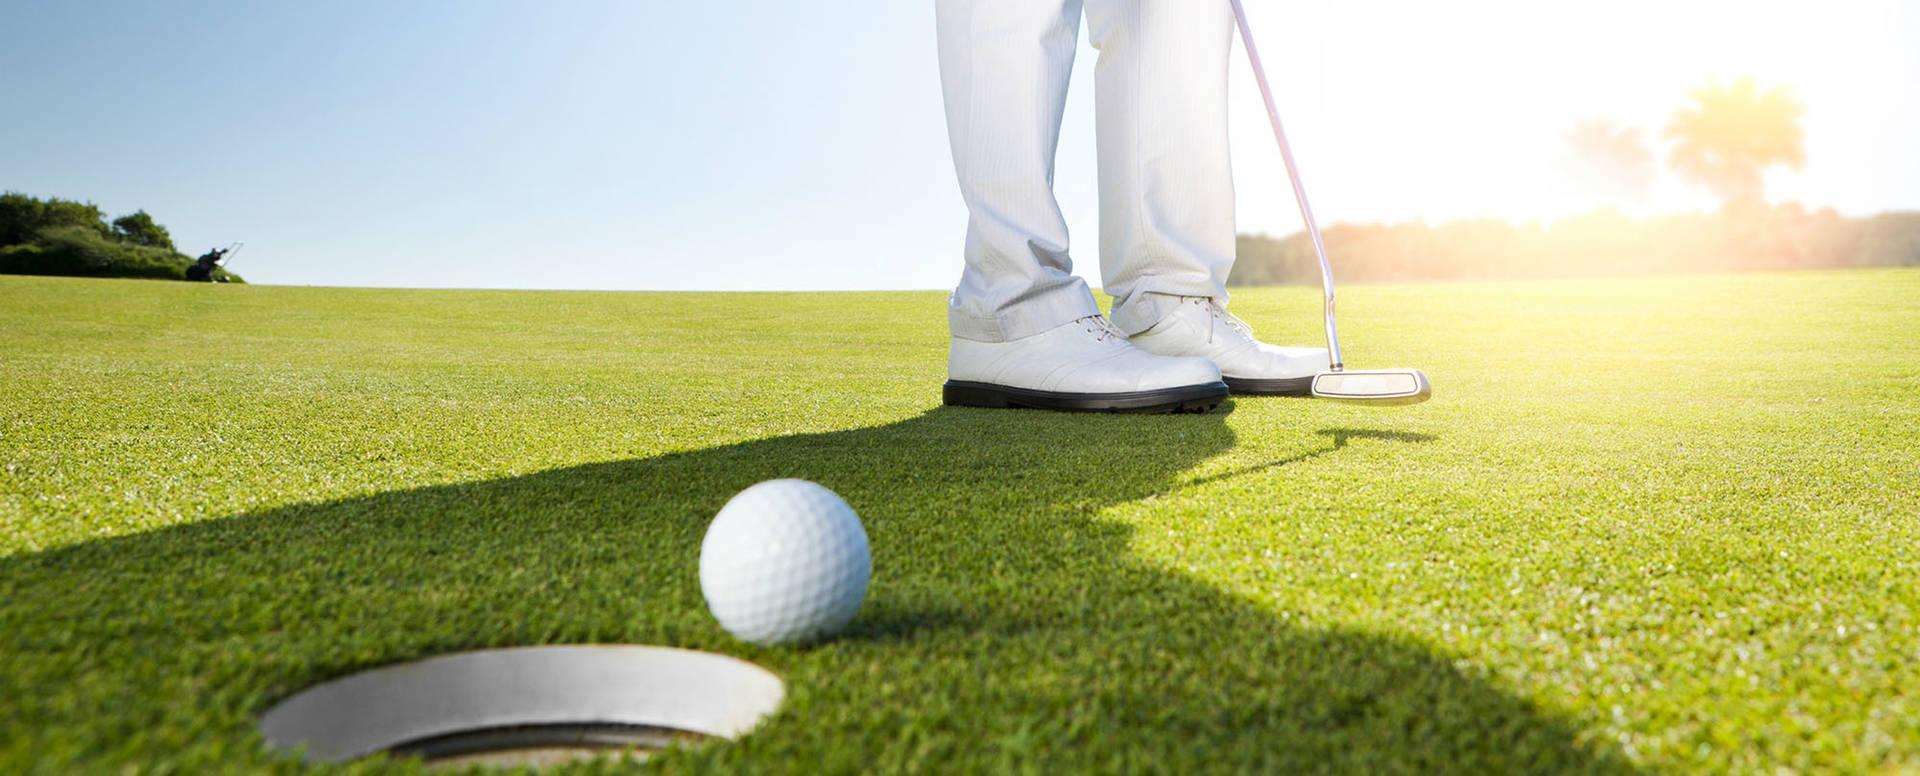 Altijd al eens willen golfen?